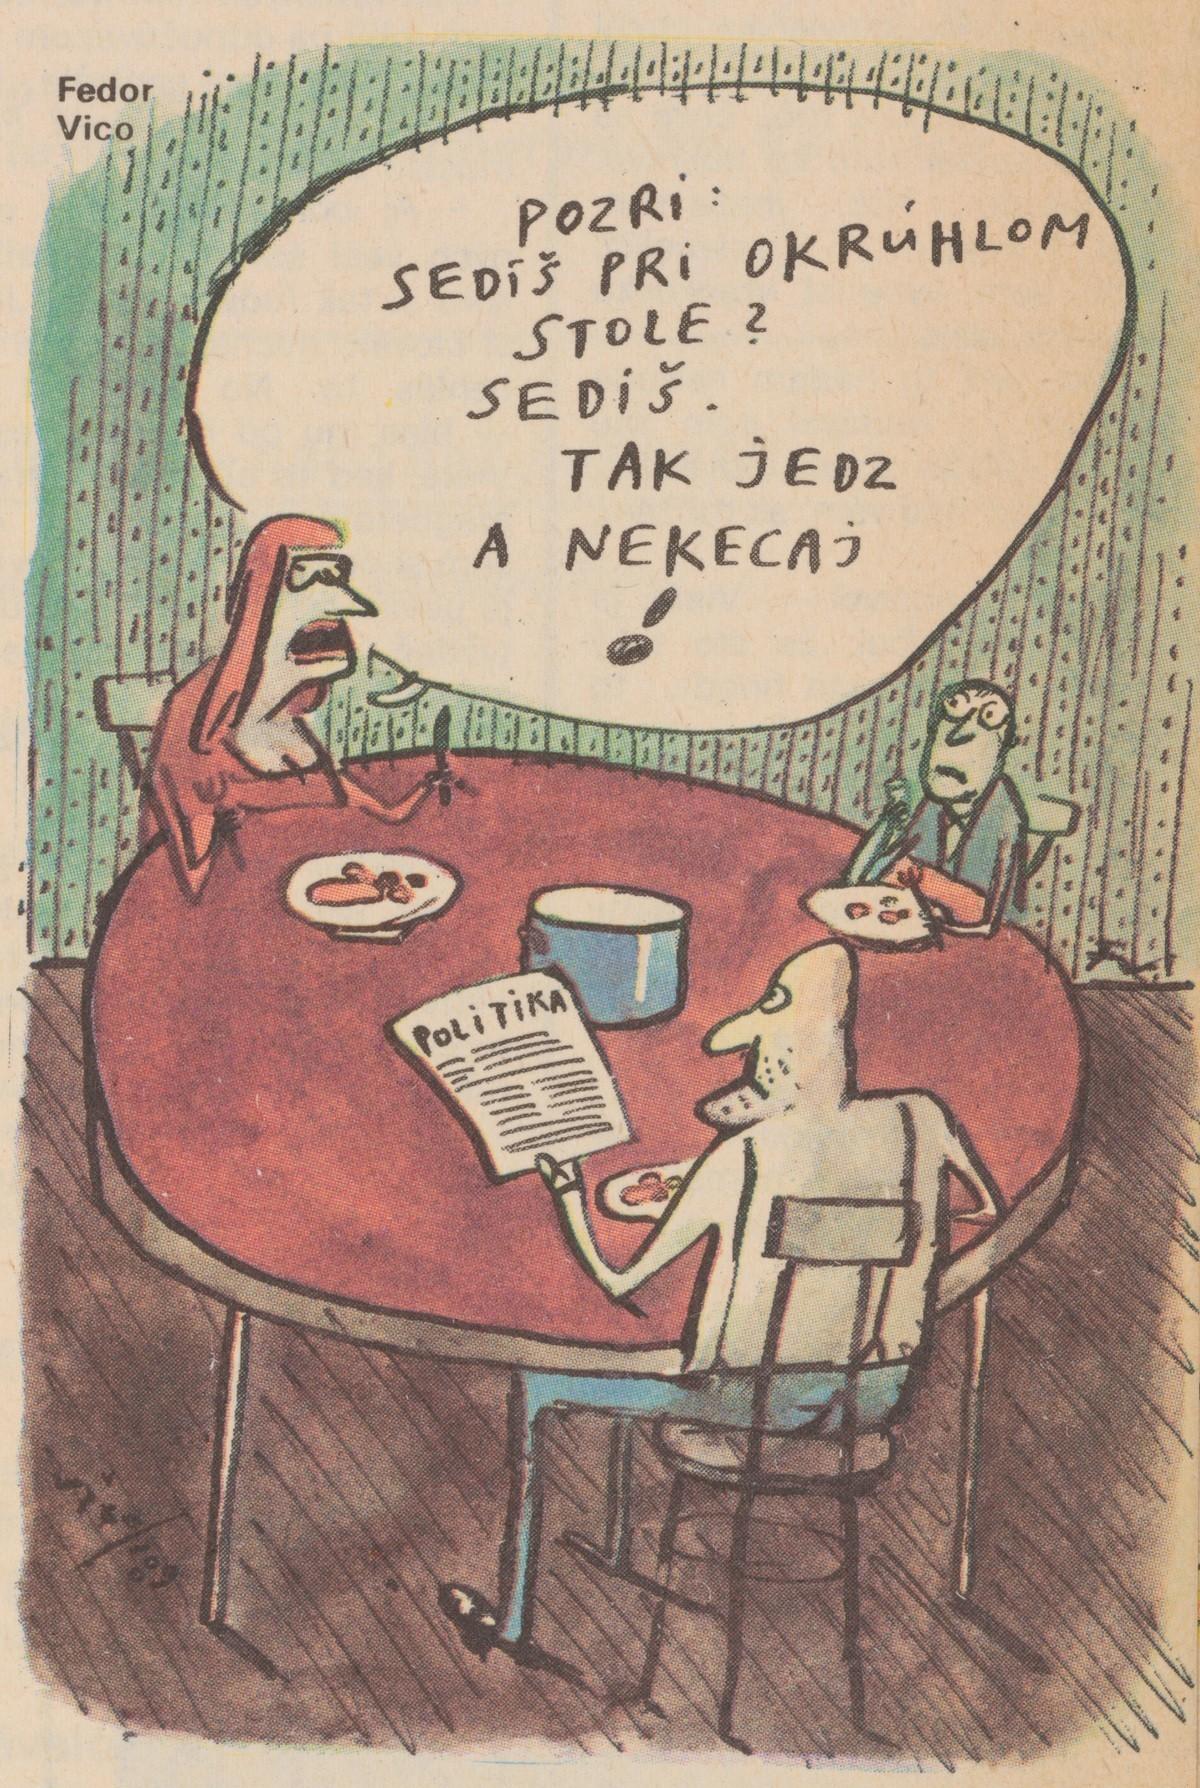 Fedor Vico, Pozri, sedíš pri okrúhlom stole?. 1990. Časopis Roháč